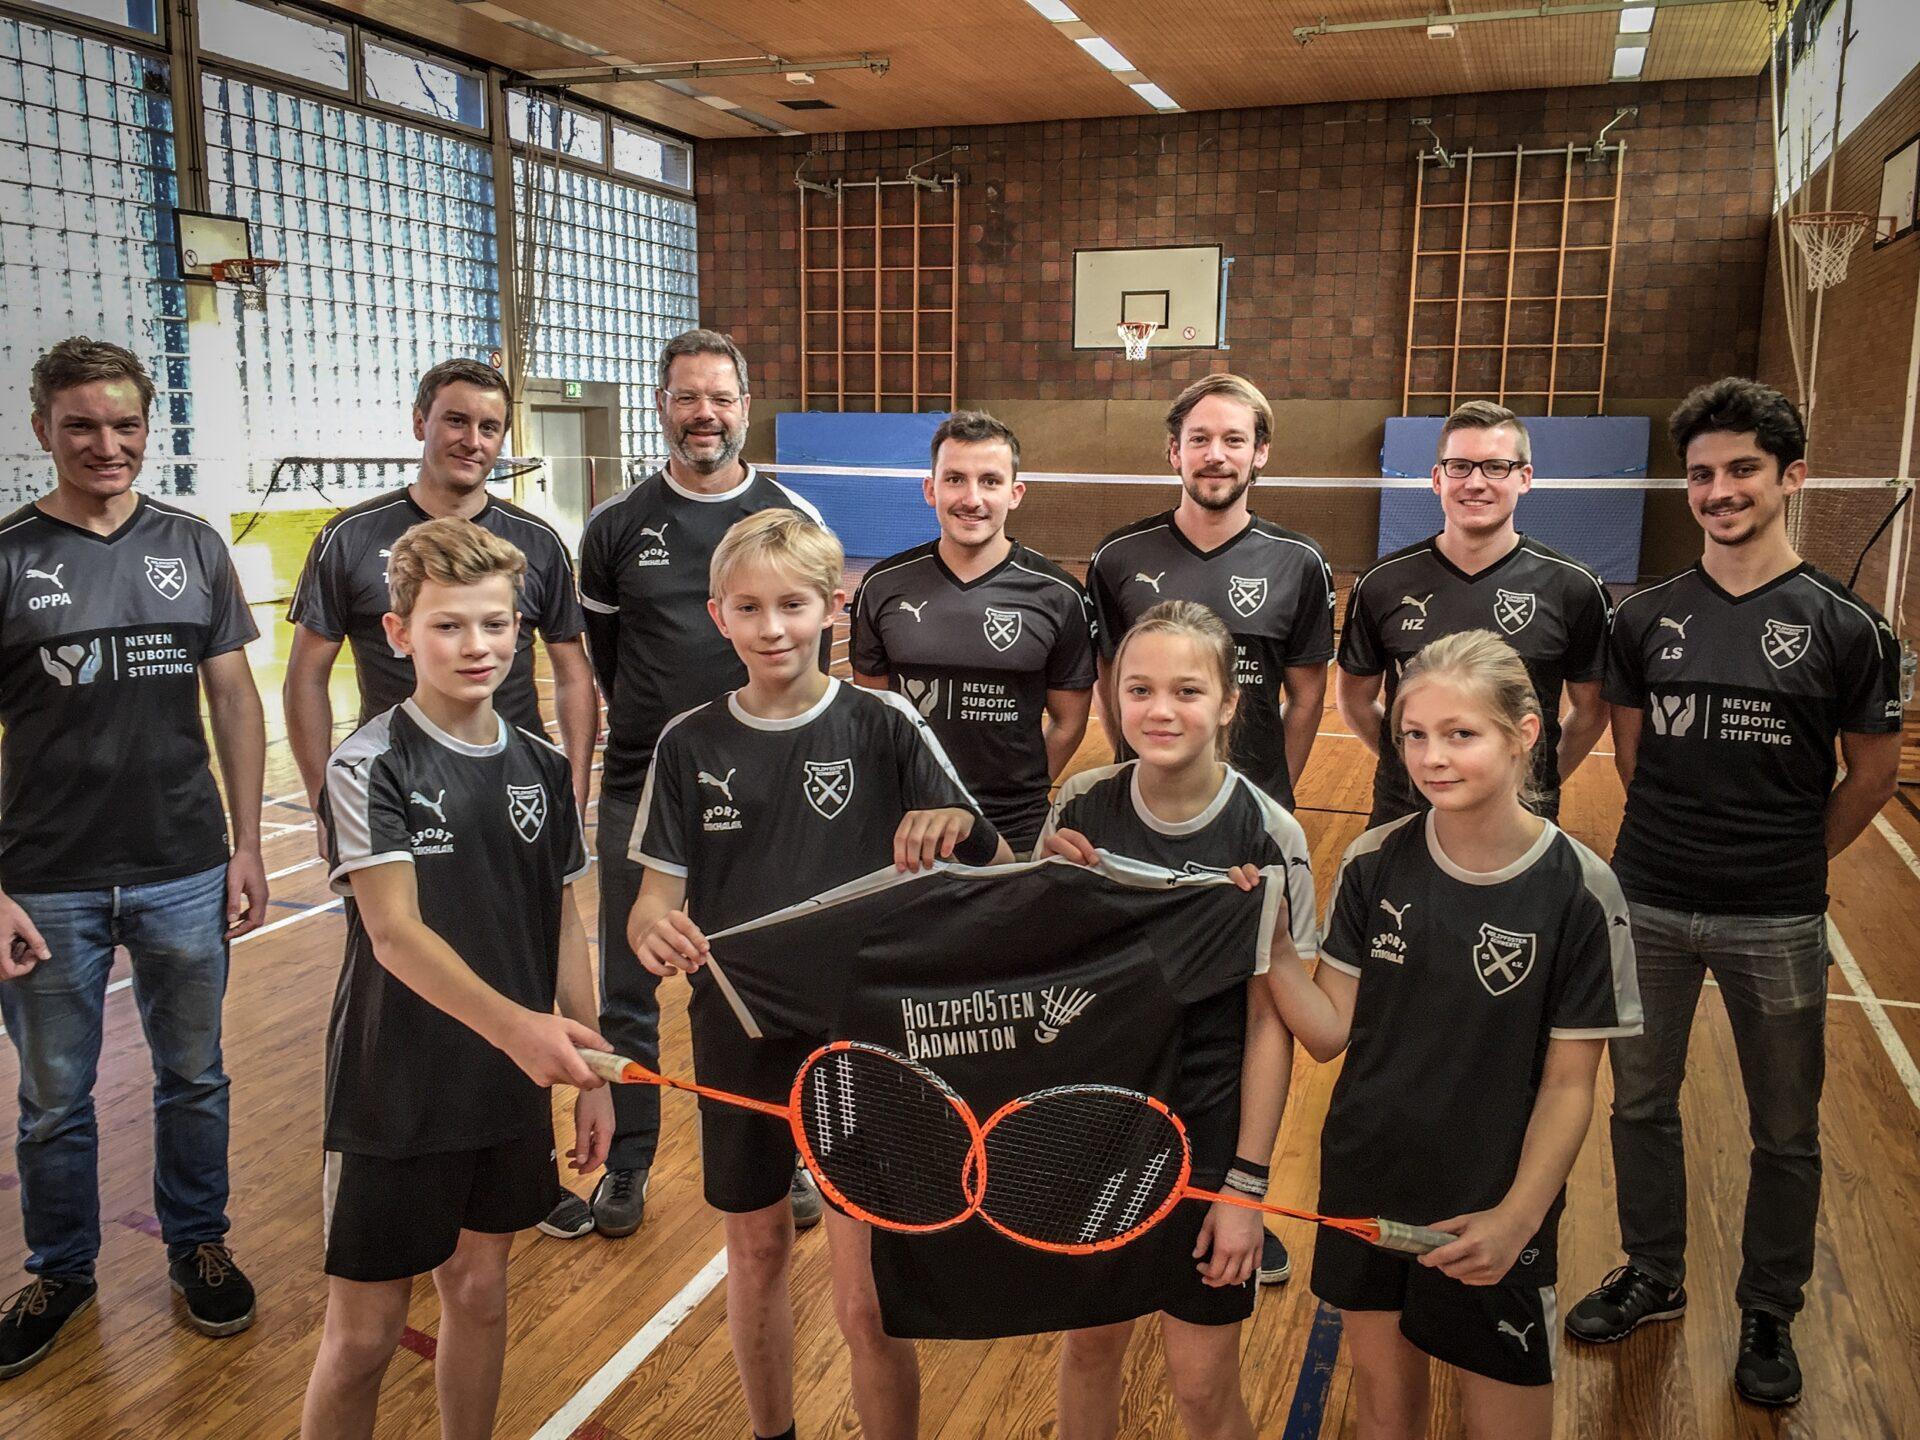 Neues U13-Bandminton Team der Holzpfosten